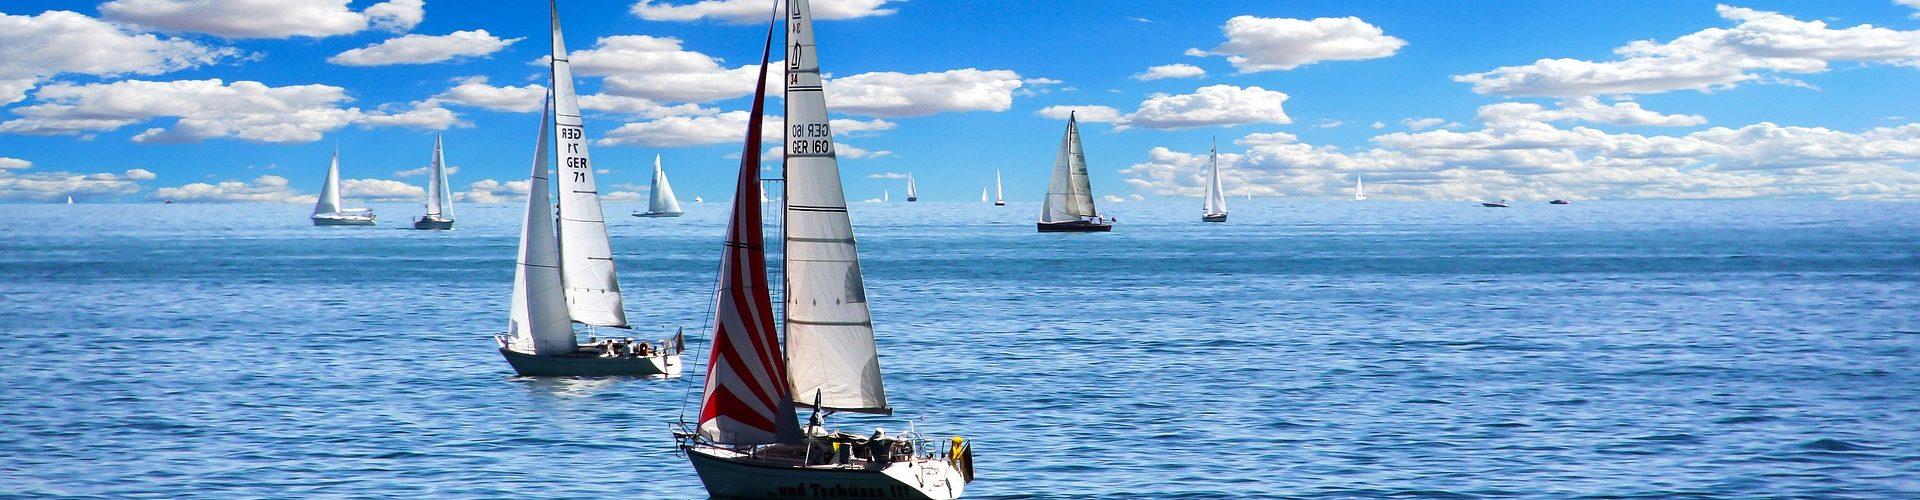 segeln lernen in Kellenhusen segelschein machen in Kellenhusen 1920x500 - Segeln lernen in Kellenhusen